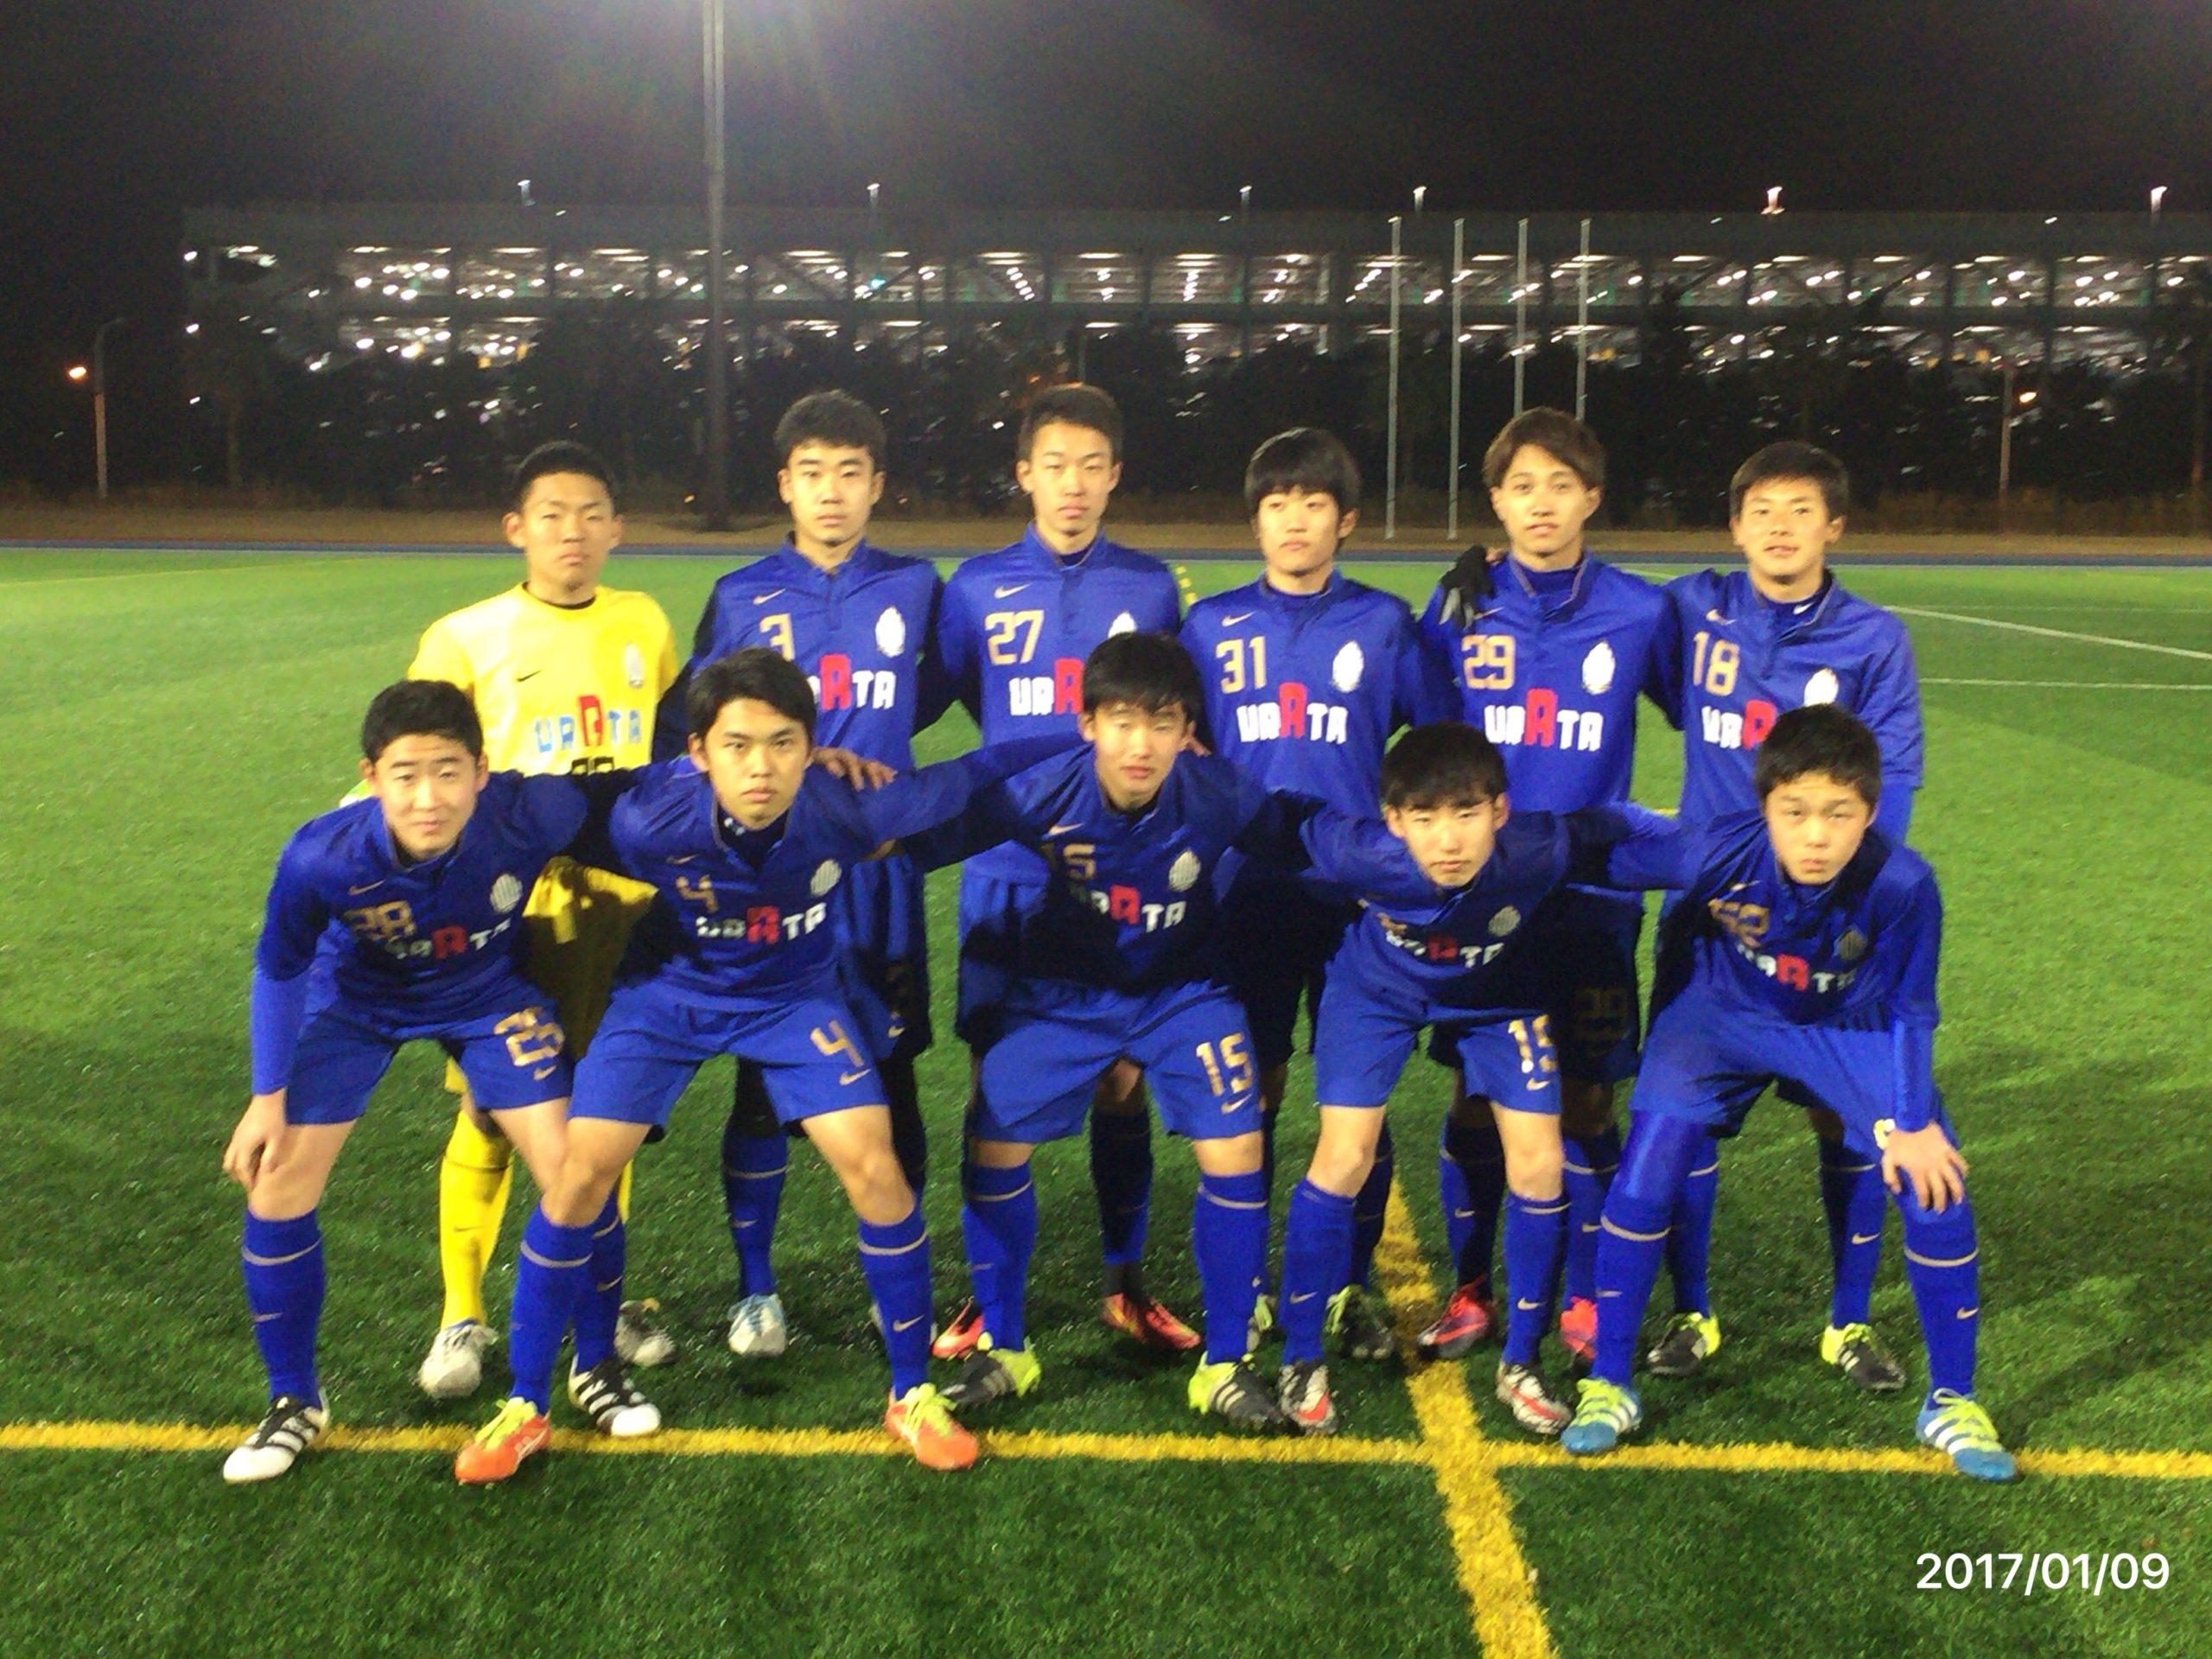 【U18】KCYリーグ1次予選 第3節結果【公式戦】